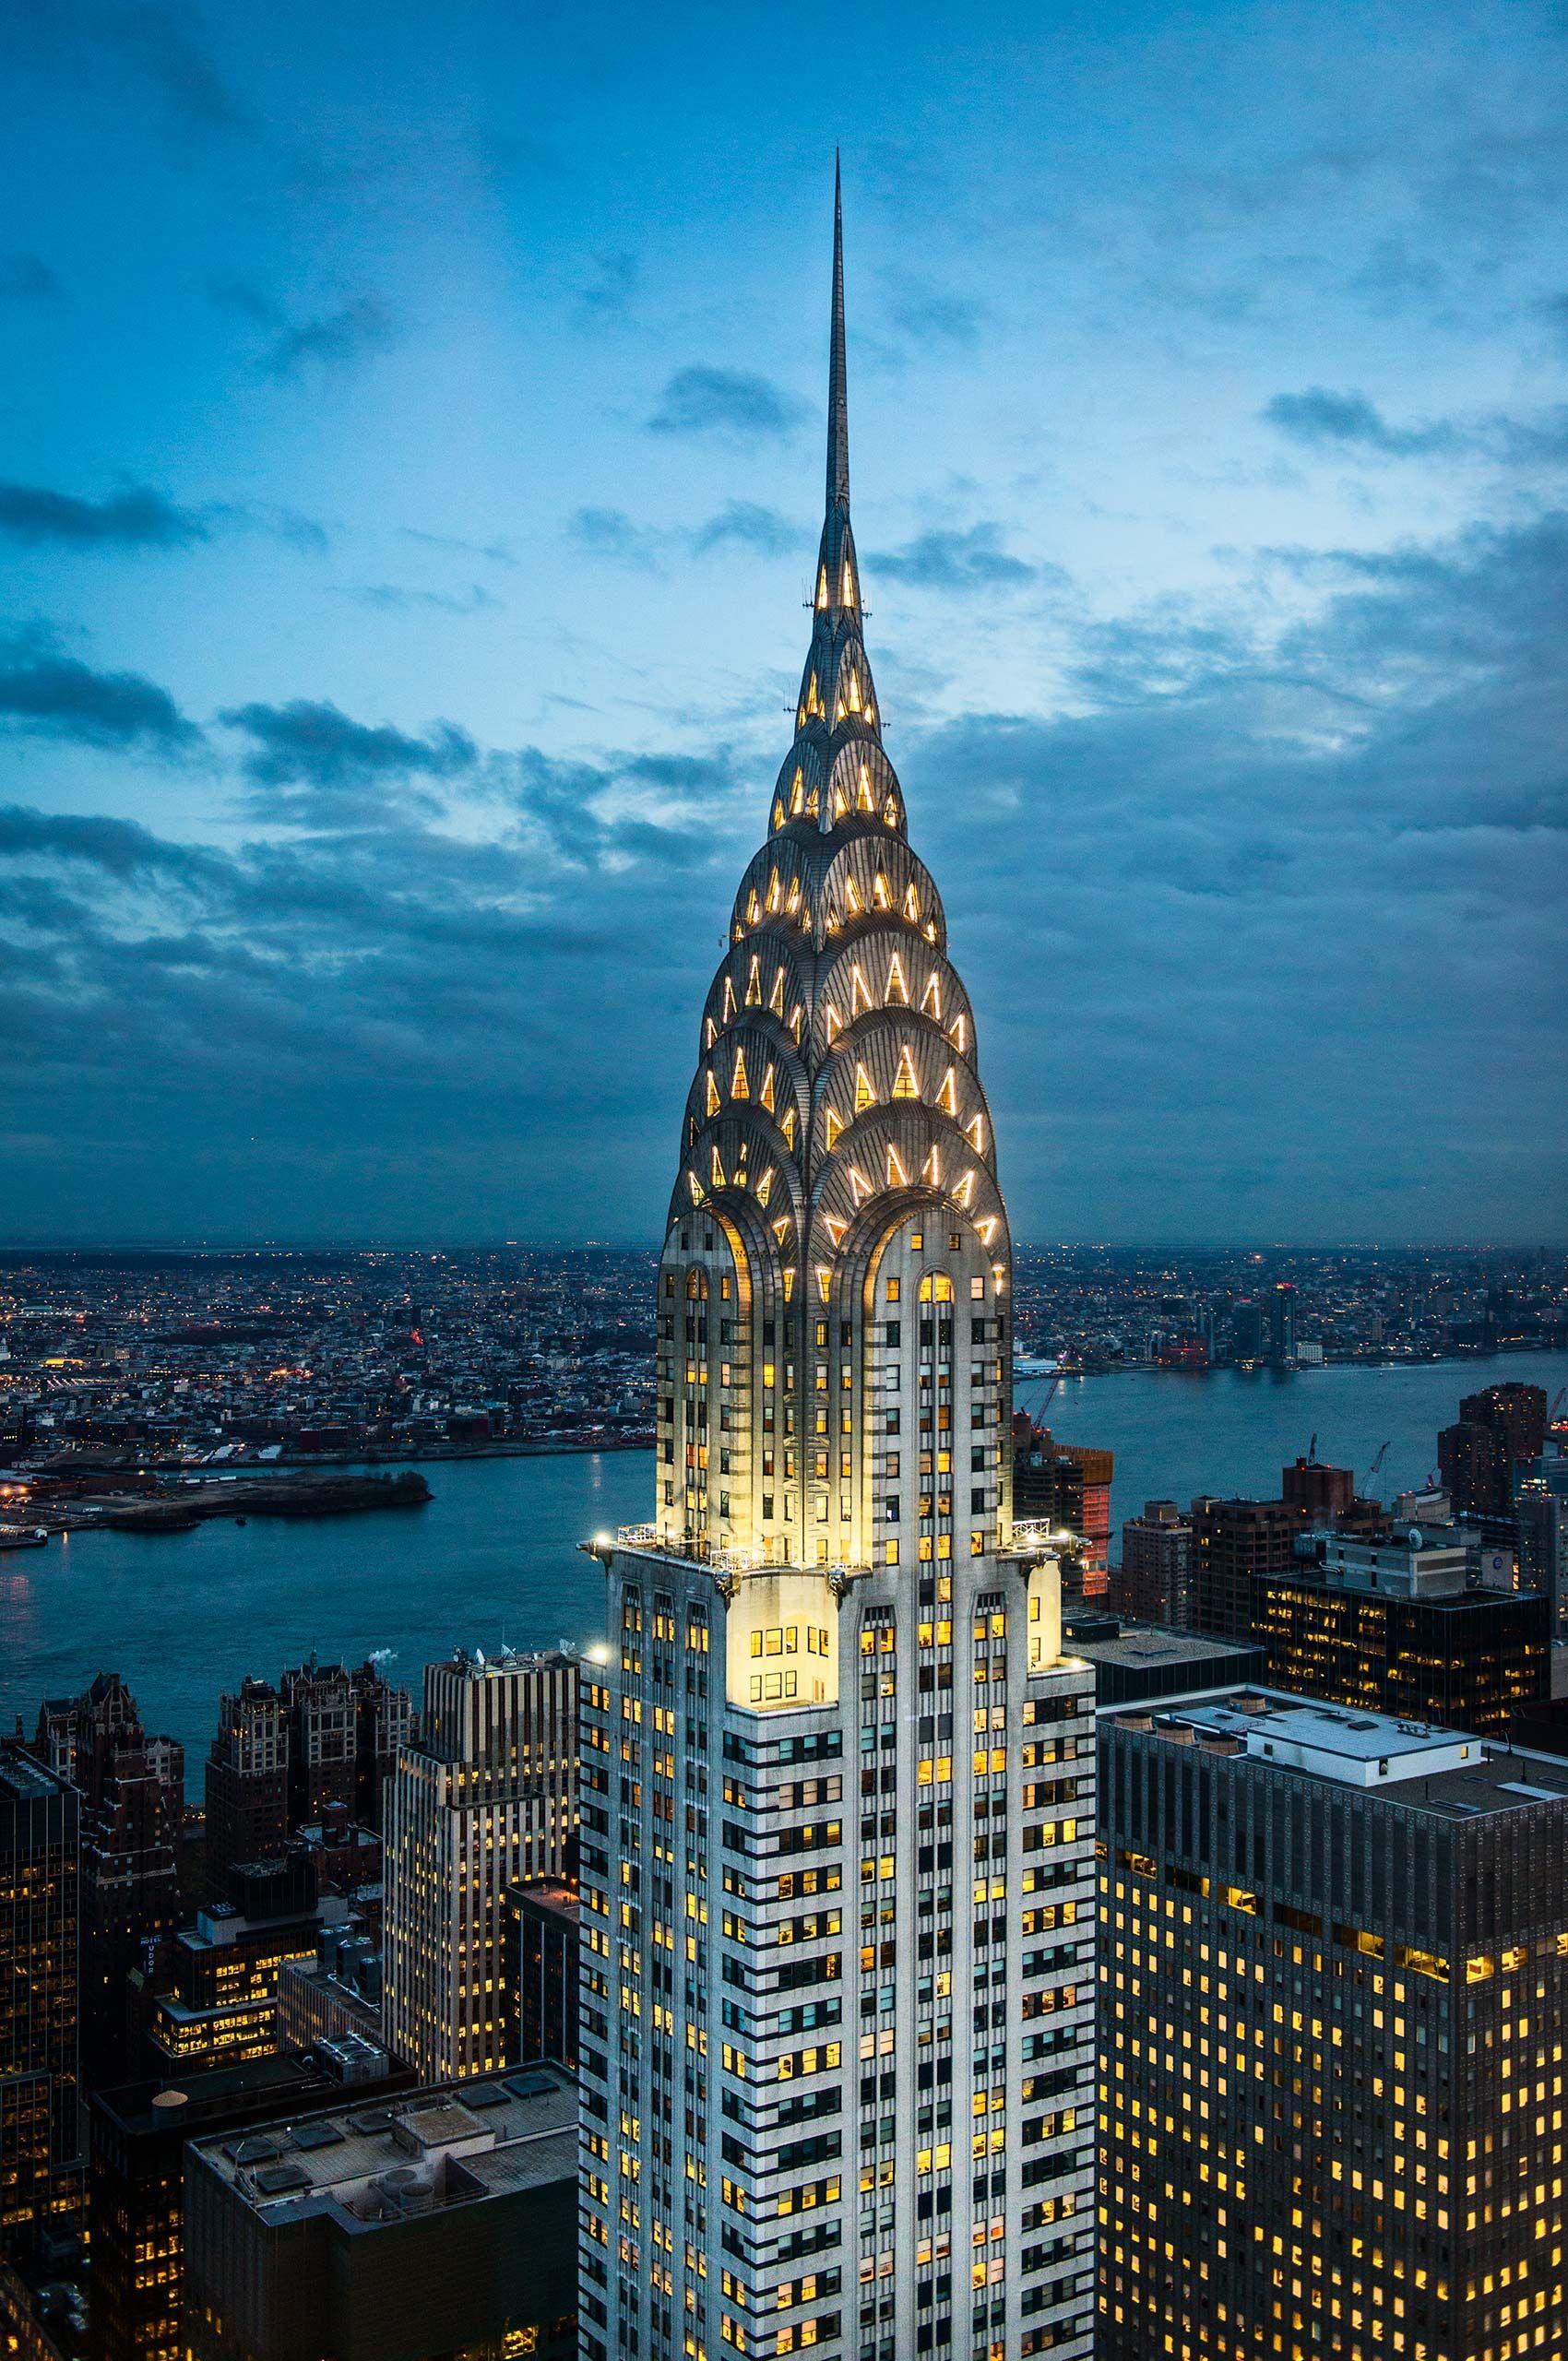 chrysler-building-newyork-HenrikOlundPhotography.jpg